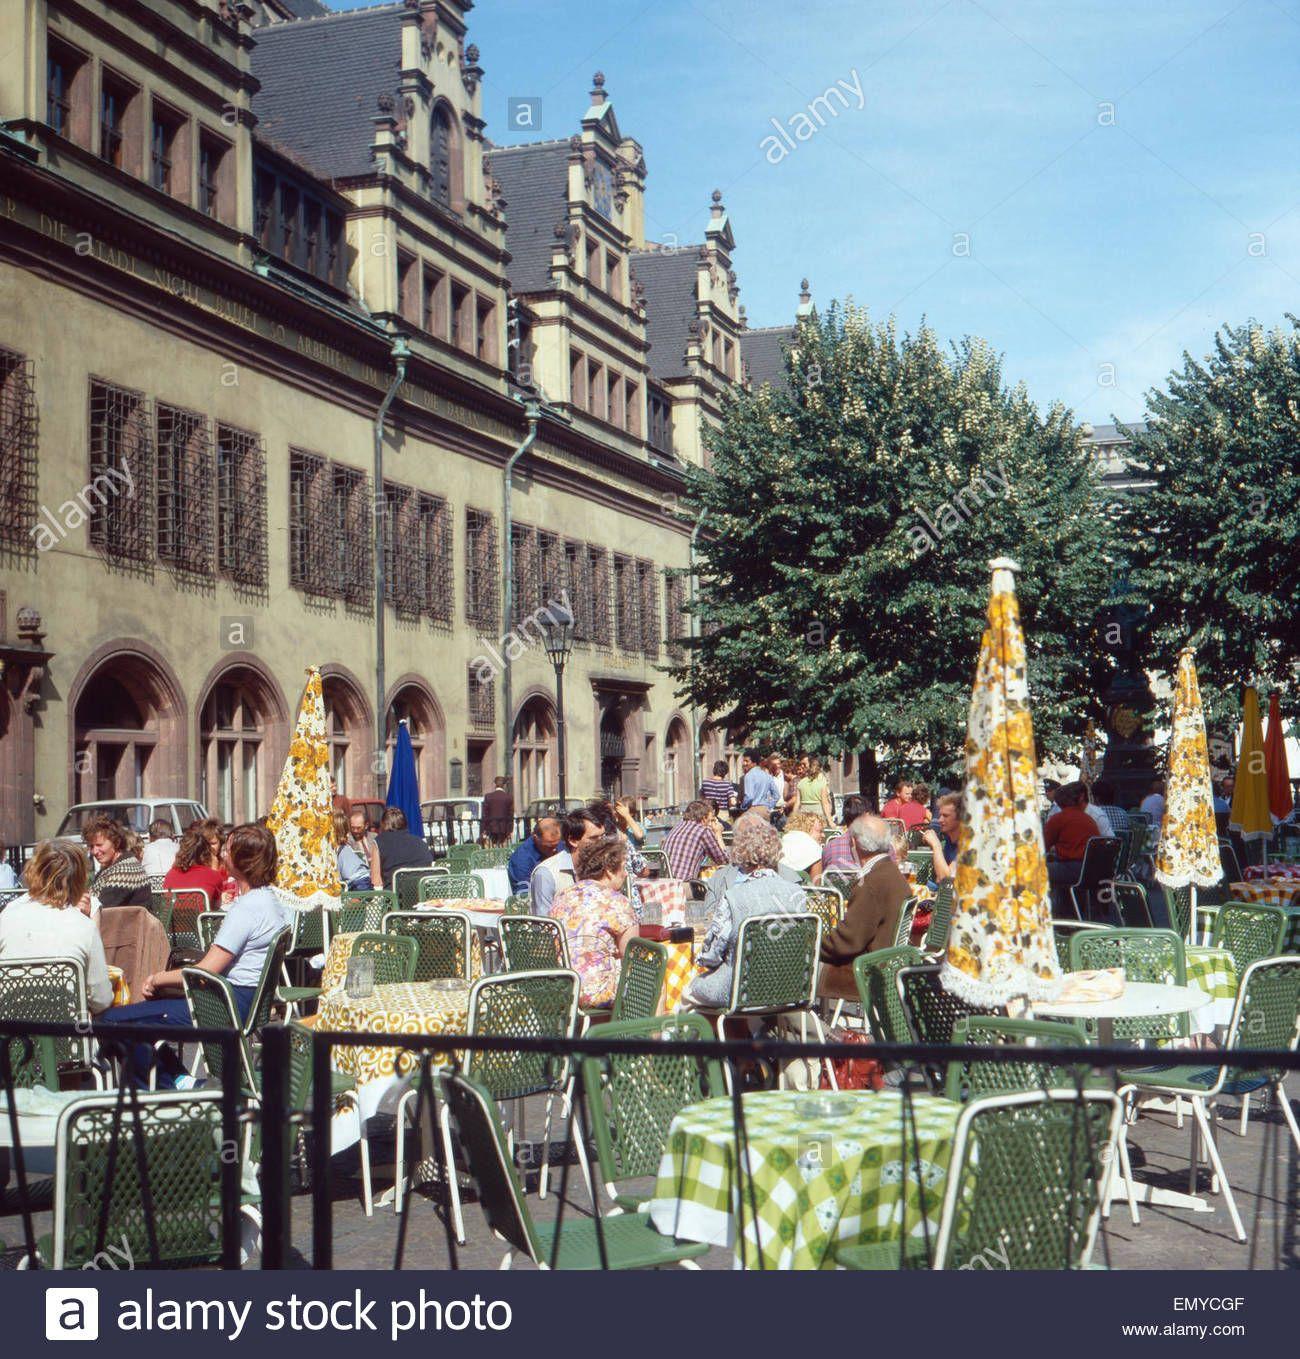 Eine Reise Nach Leipzig Sachsen Ddr 1980er Jahre Leipzig Leipzig Sachsen Ddr